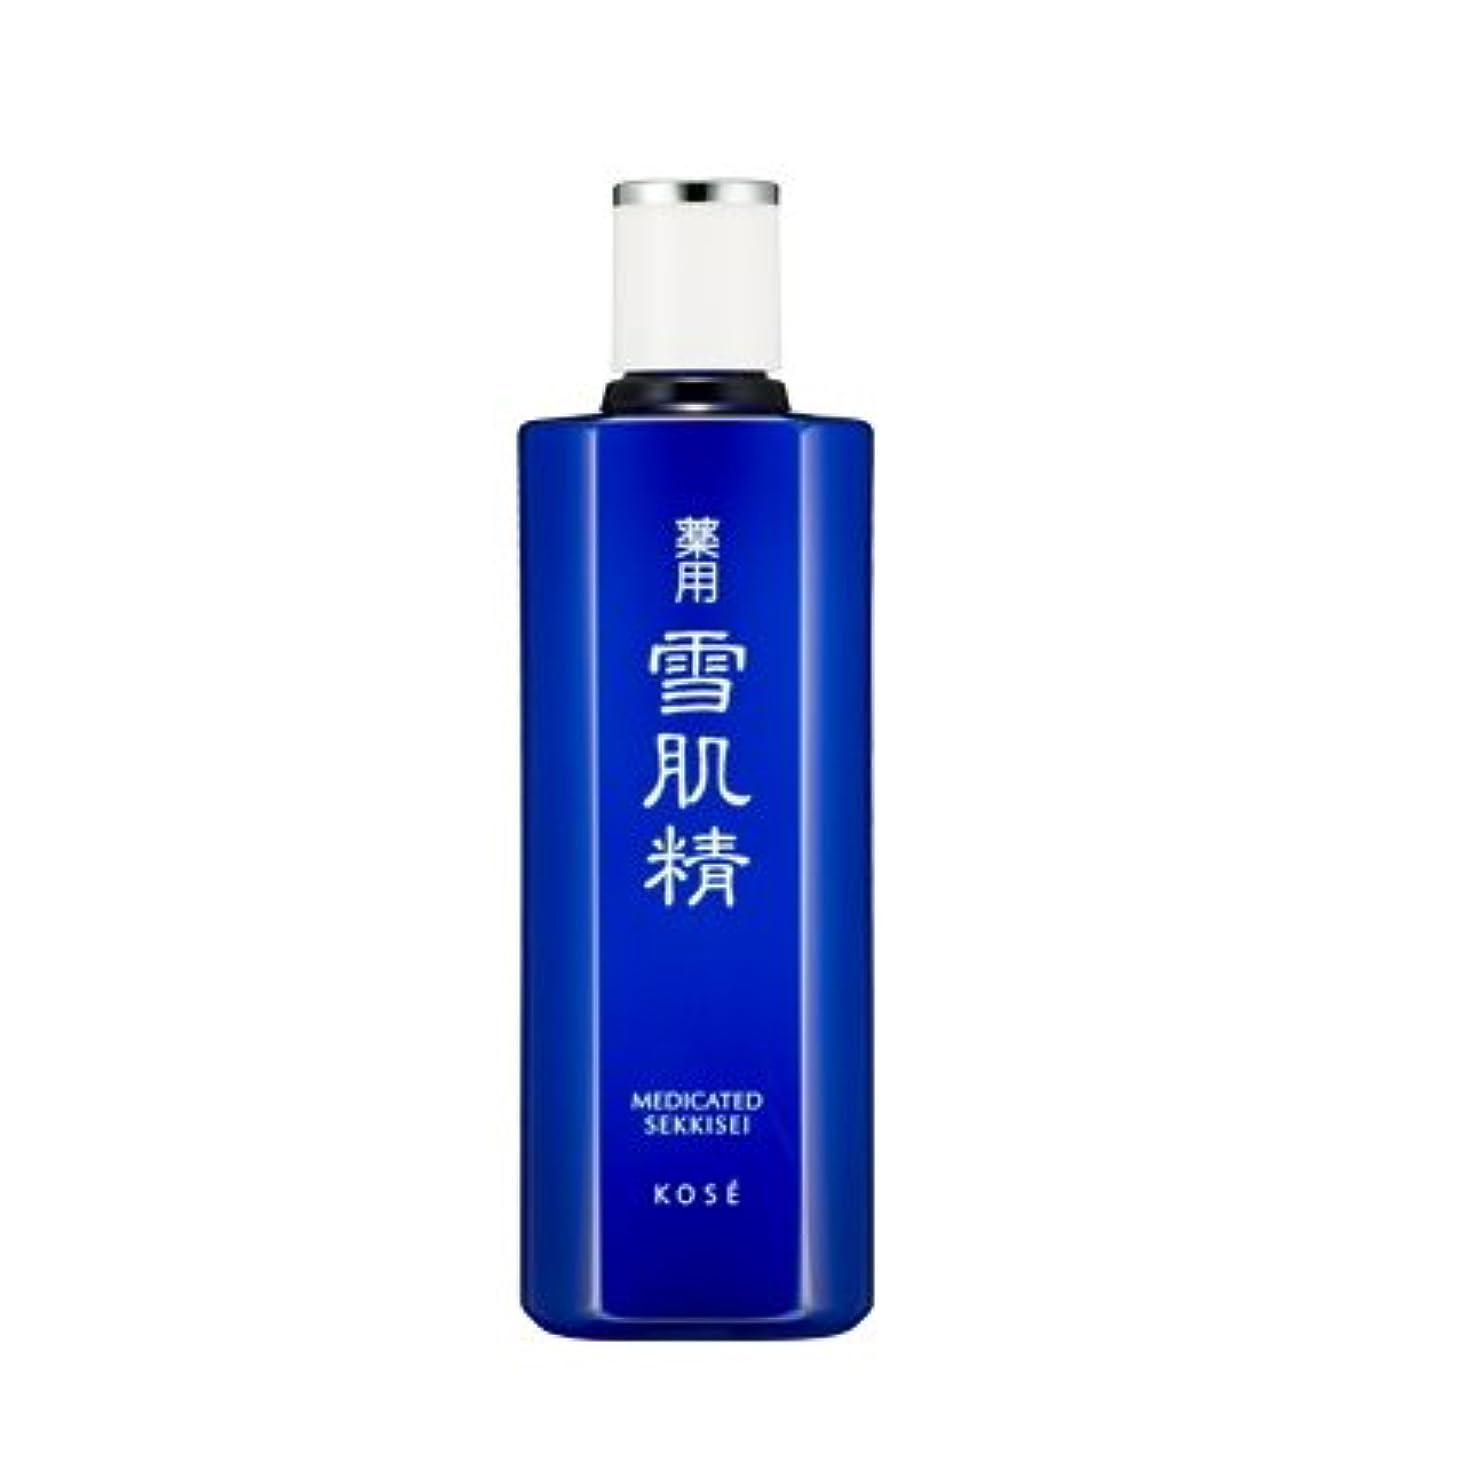 ホテルジャンプ試みる薬用 雪肌精 (化粧水) 200ml